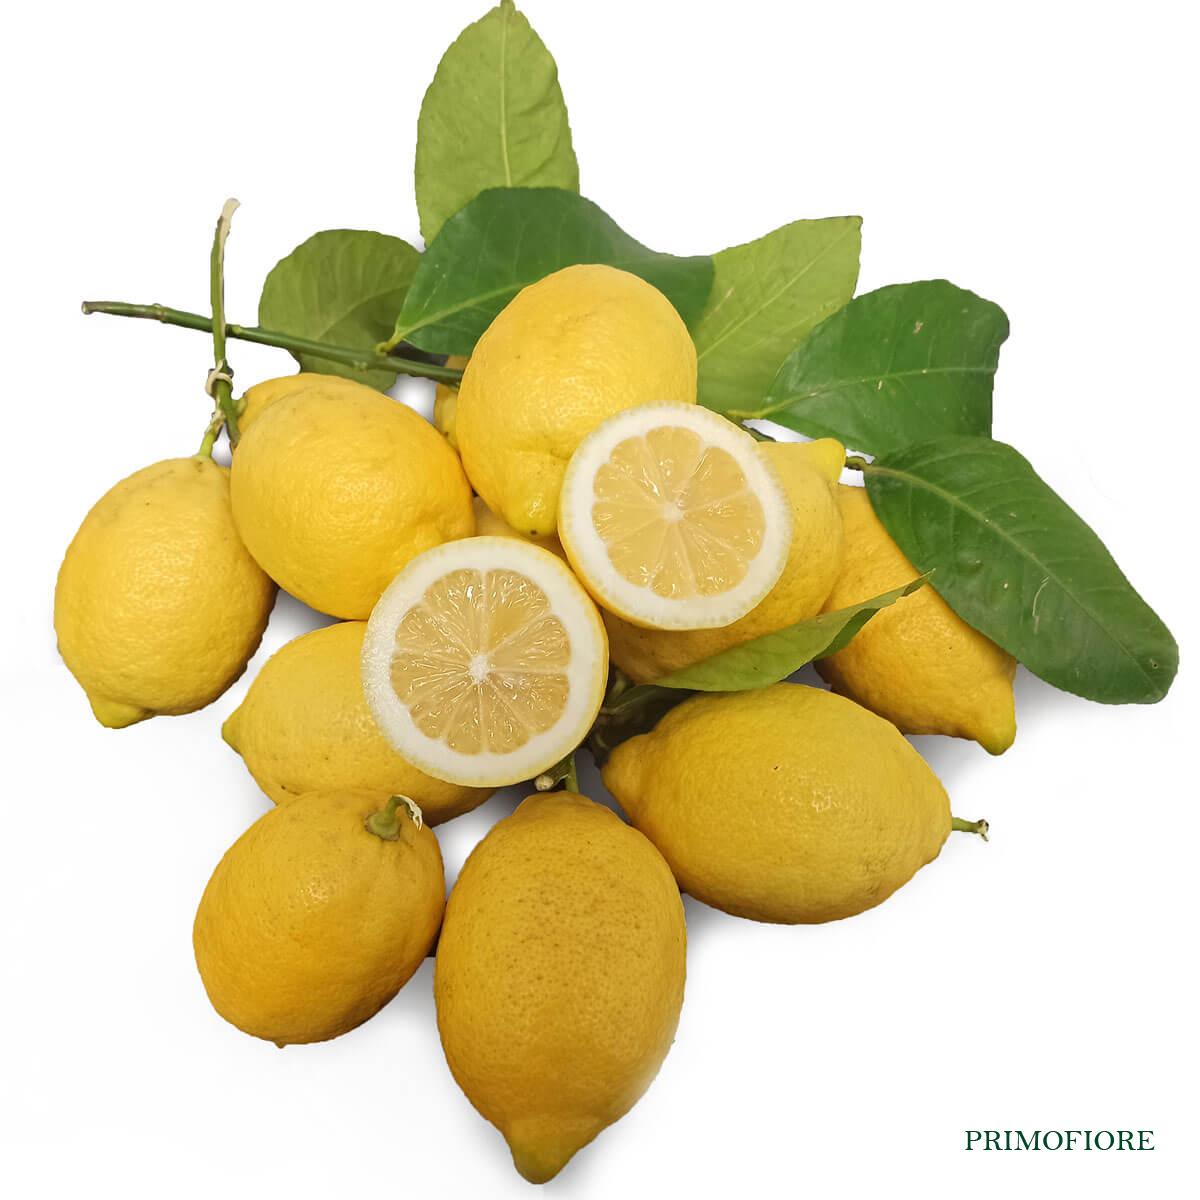 Limone femminello siracusano biologico Primofiore